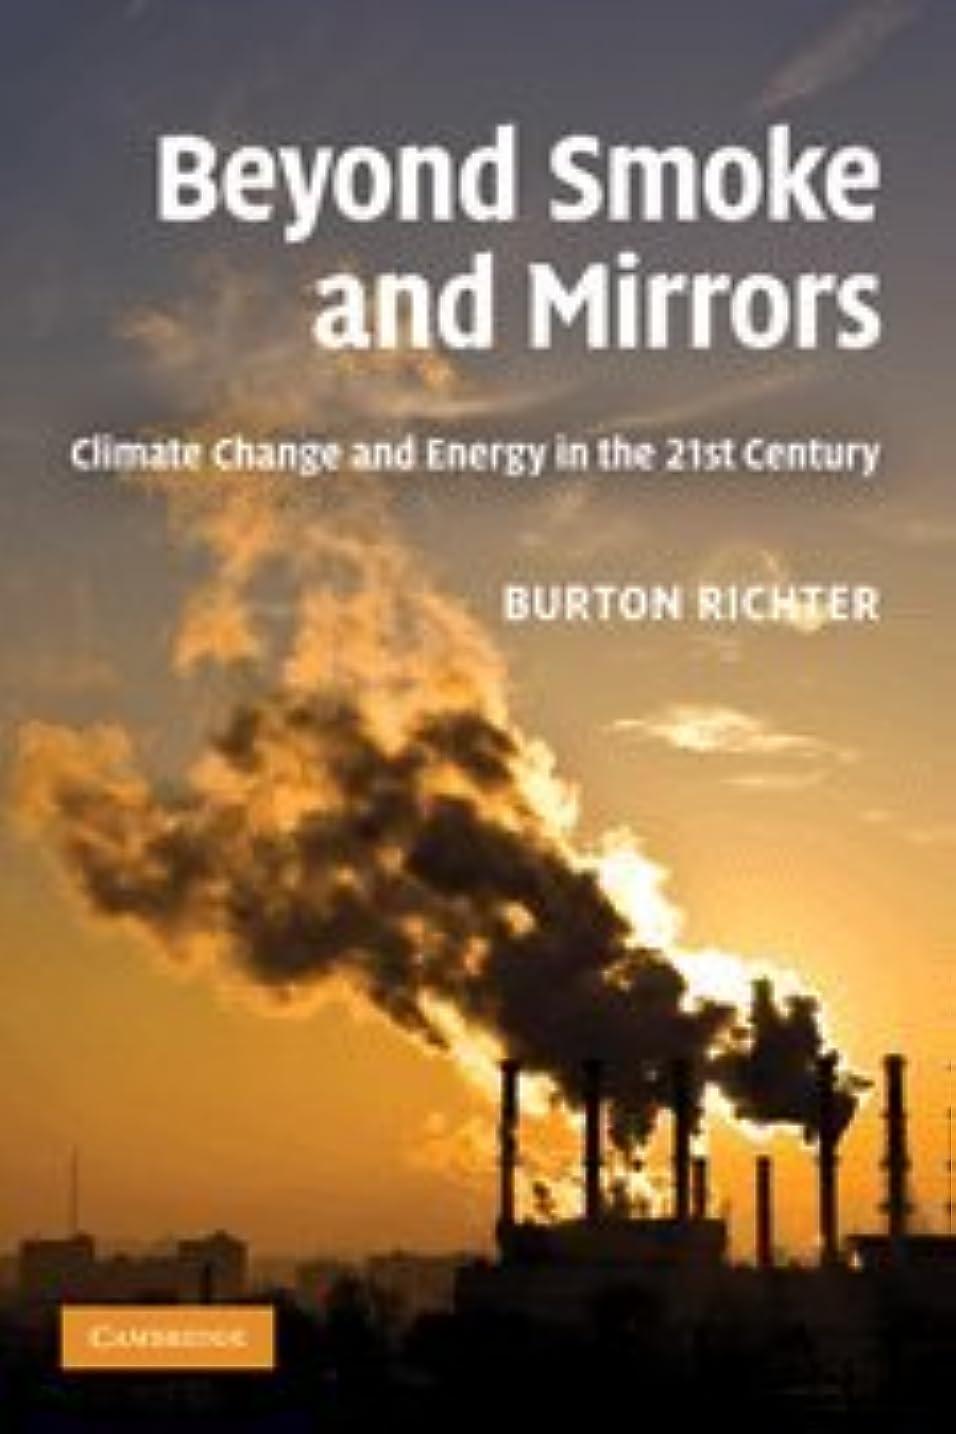 歯一緒にやるBeyond Smoke and Mirrors: Climate Change and Energy in the 21st Century